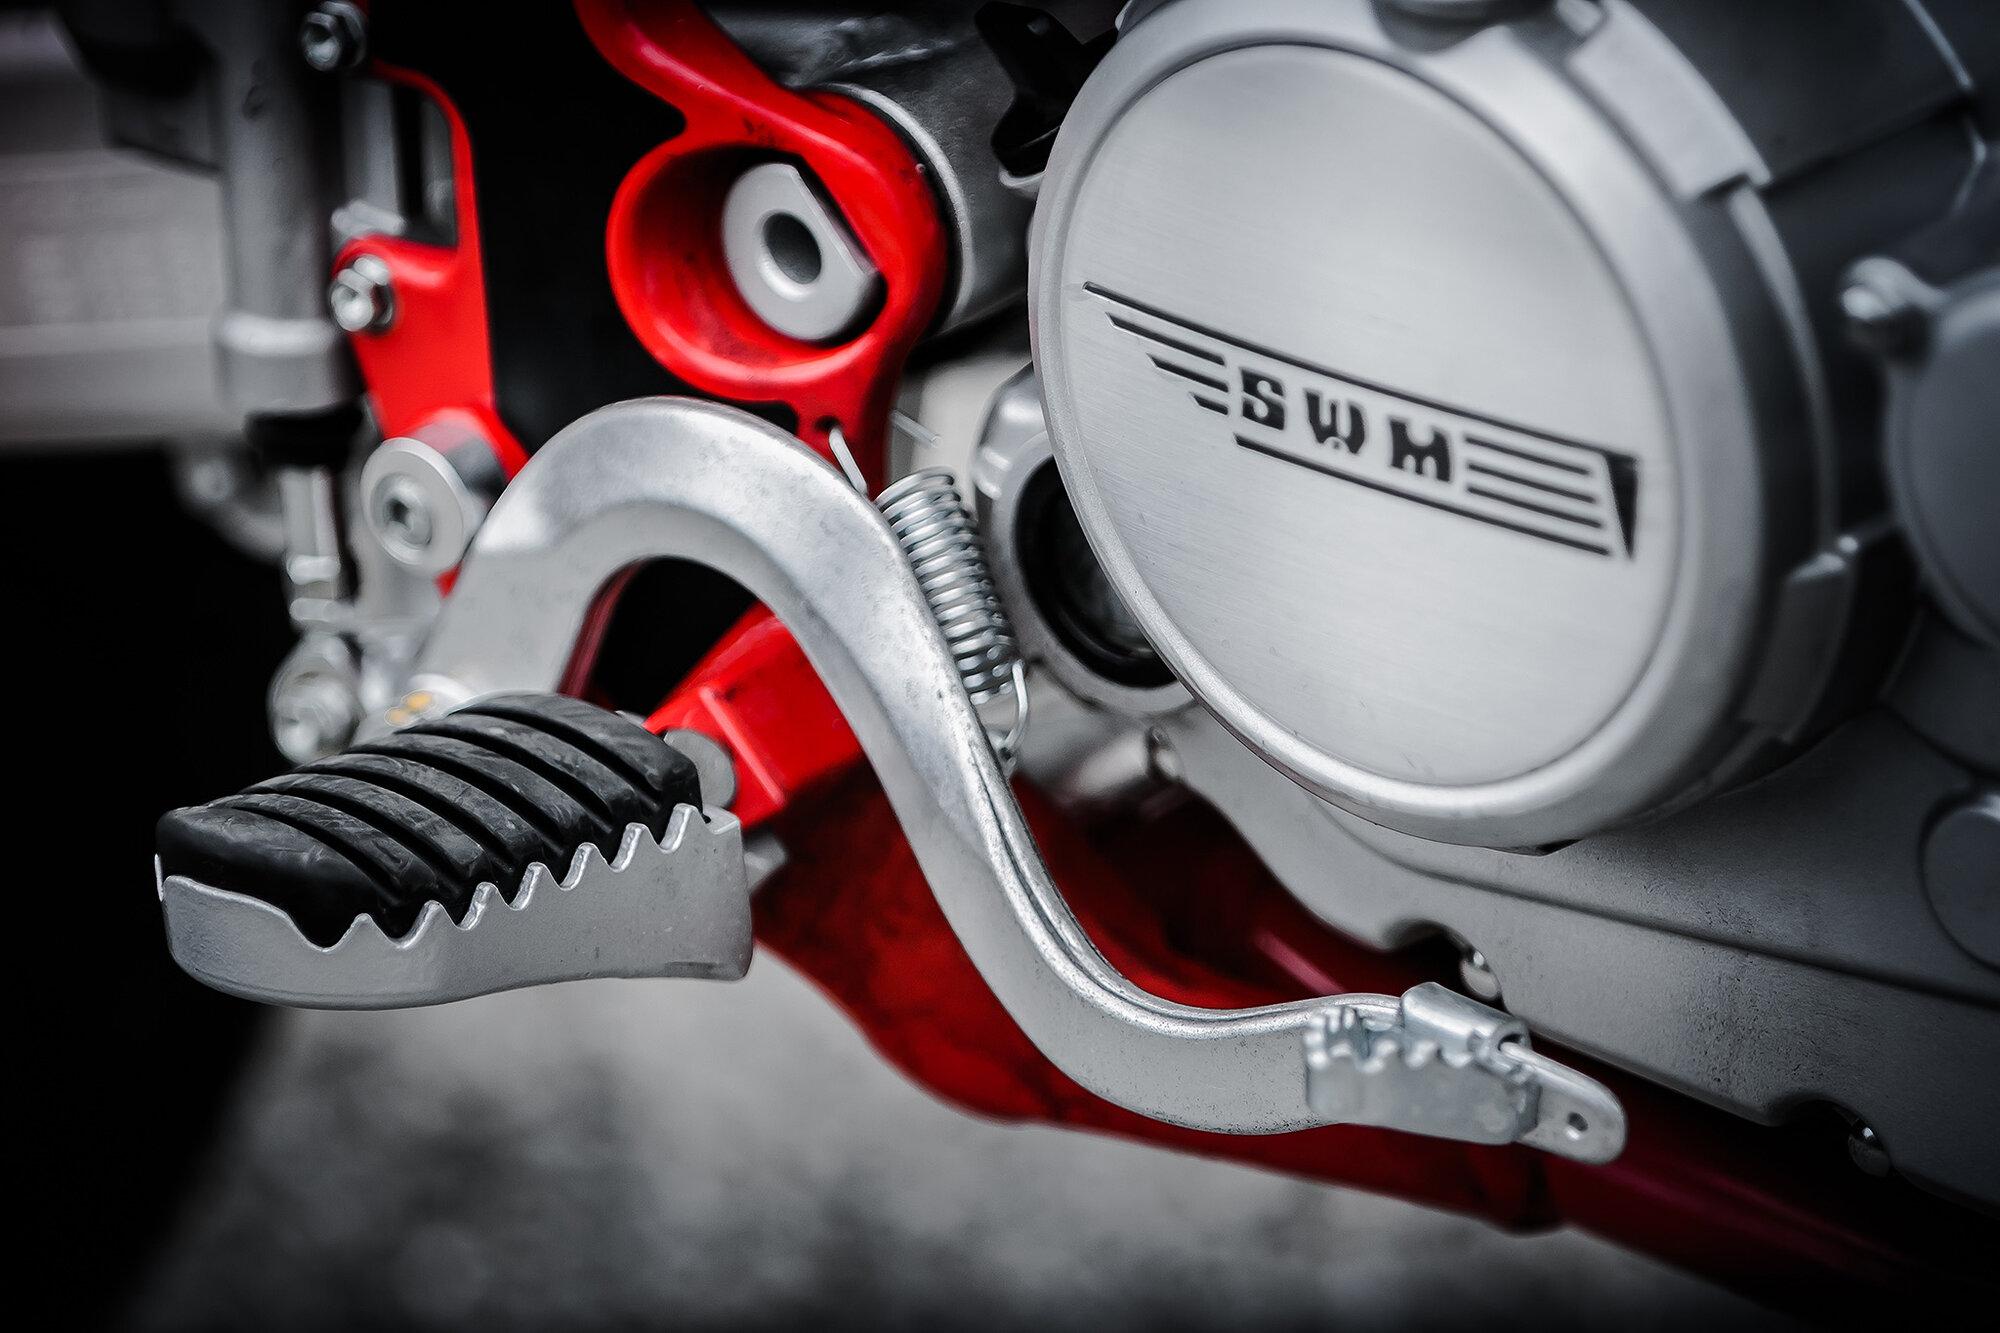 SWM-SM-125-CC-Peps-Motos-16